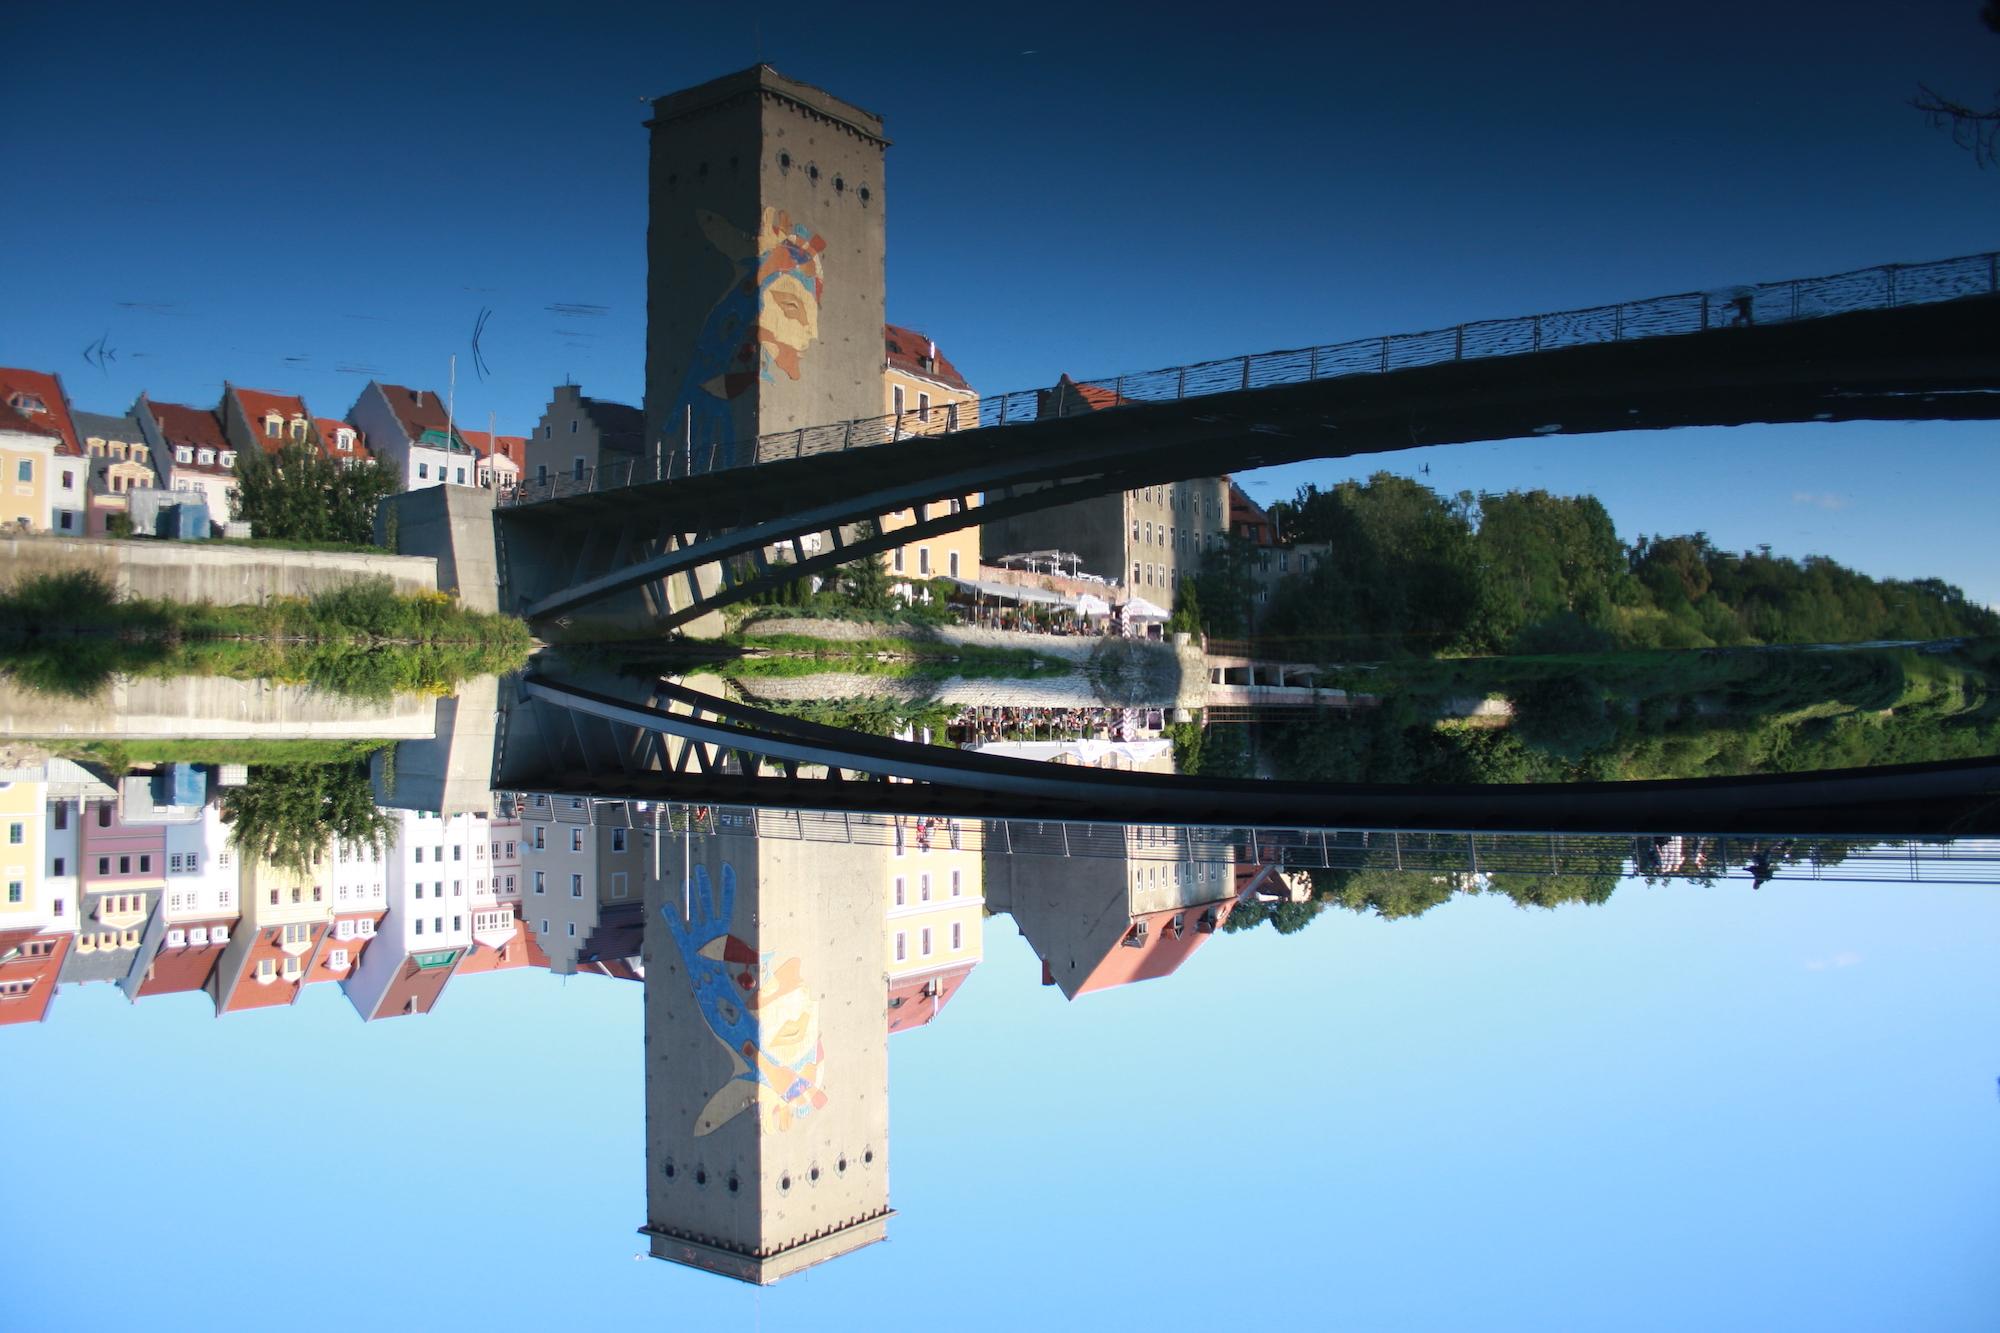 Bild eines Turms und Brücke hinter einem Fluss. Der Fluss spiegelt beides und erzeugt so eine Irritation beim Betrachter.